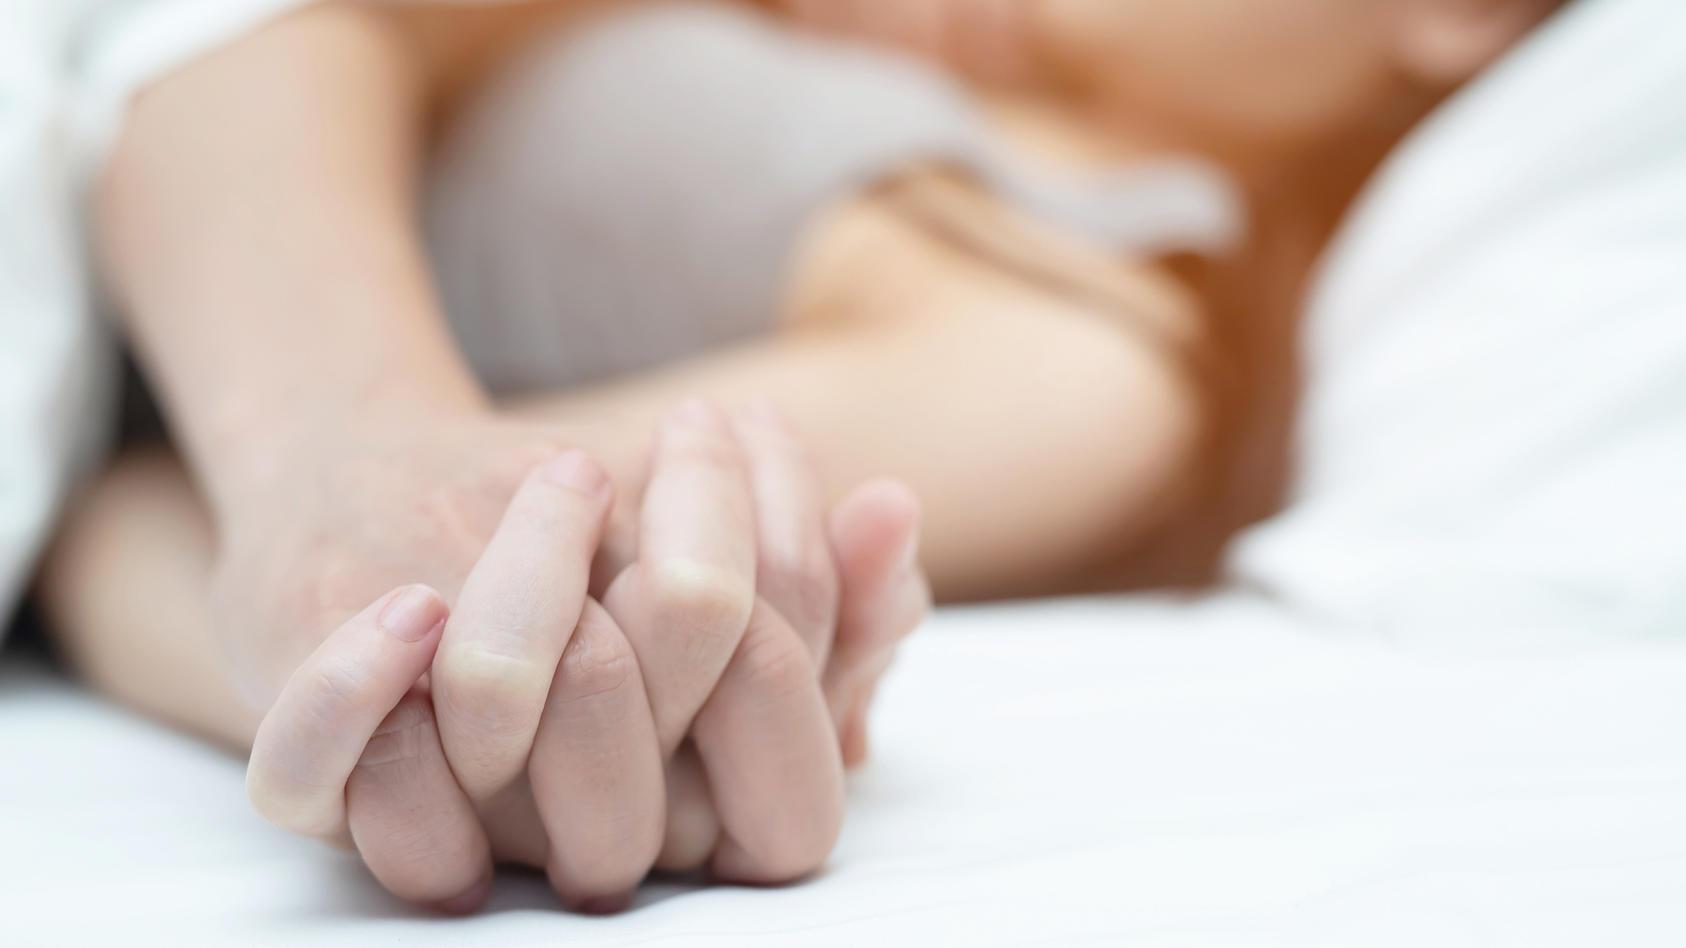 Neue Studie: Paare sind in der Pandemie mutiger im Bett geworden.